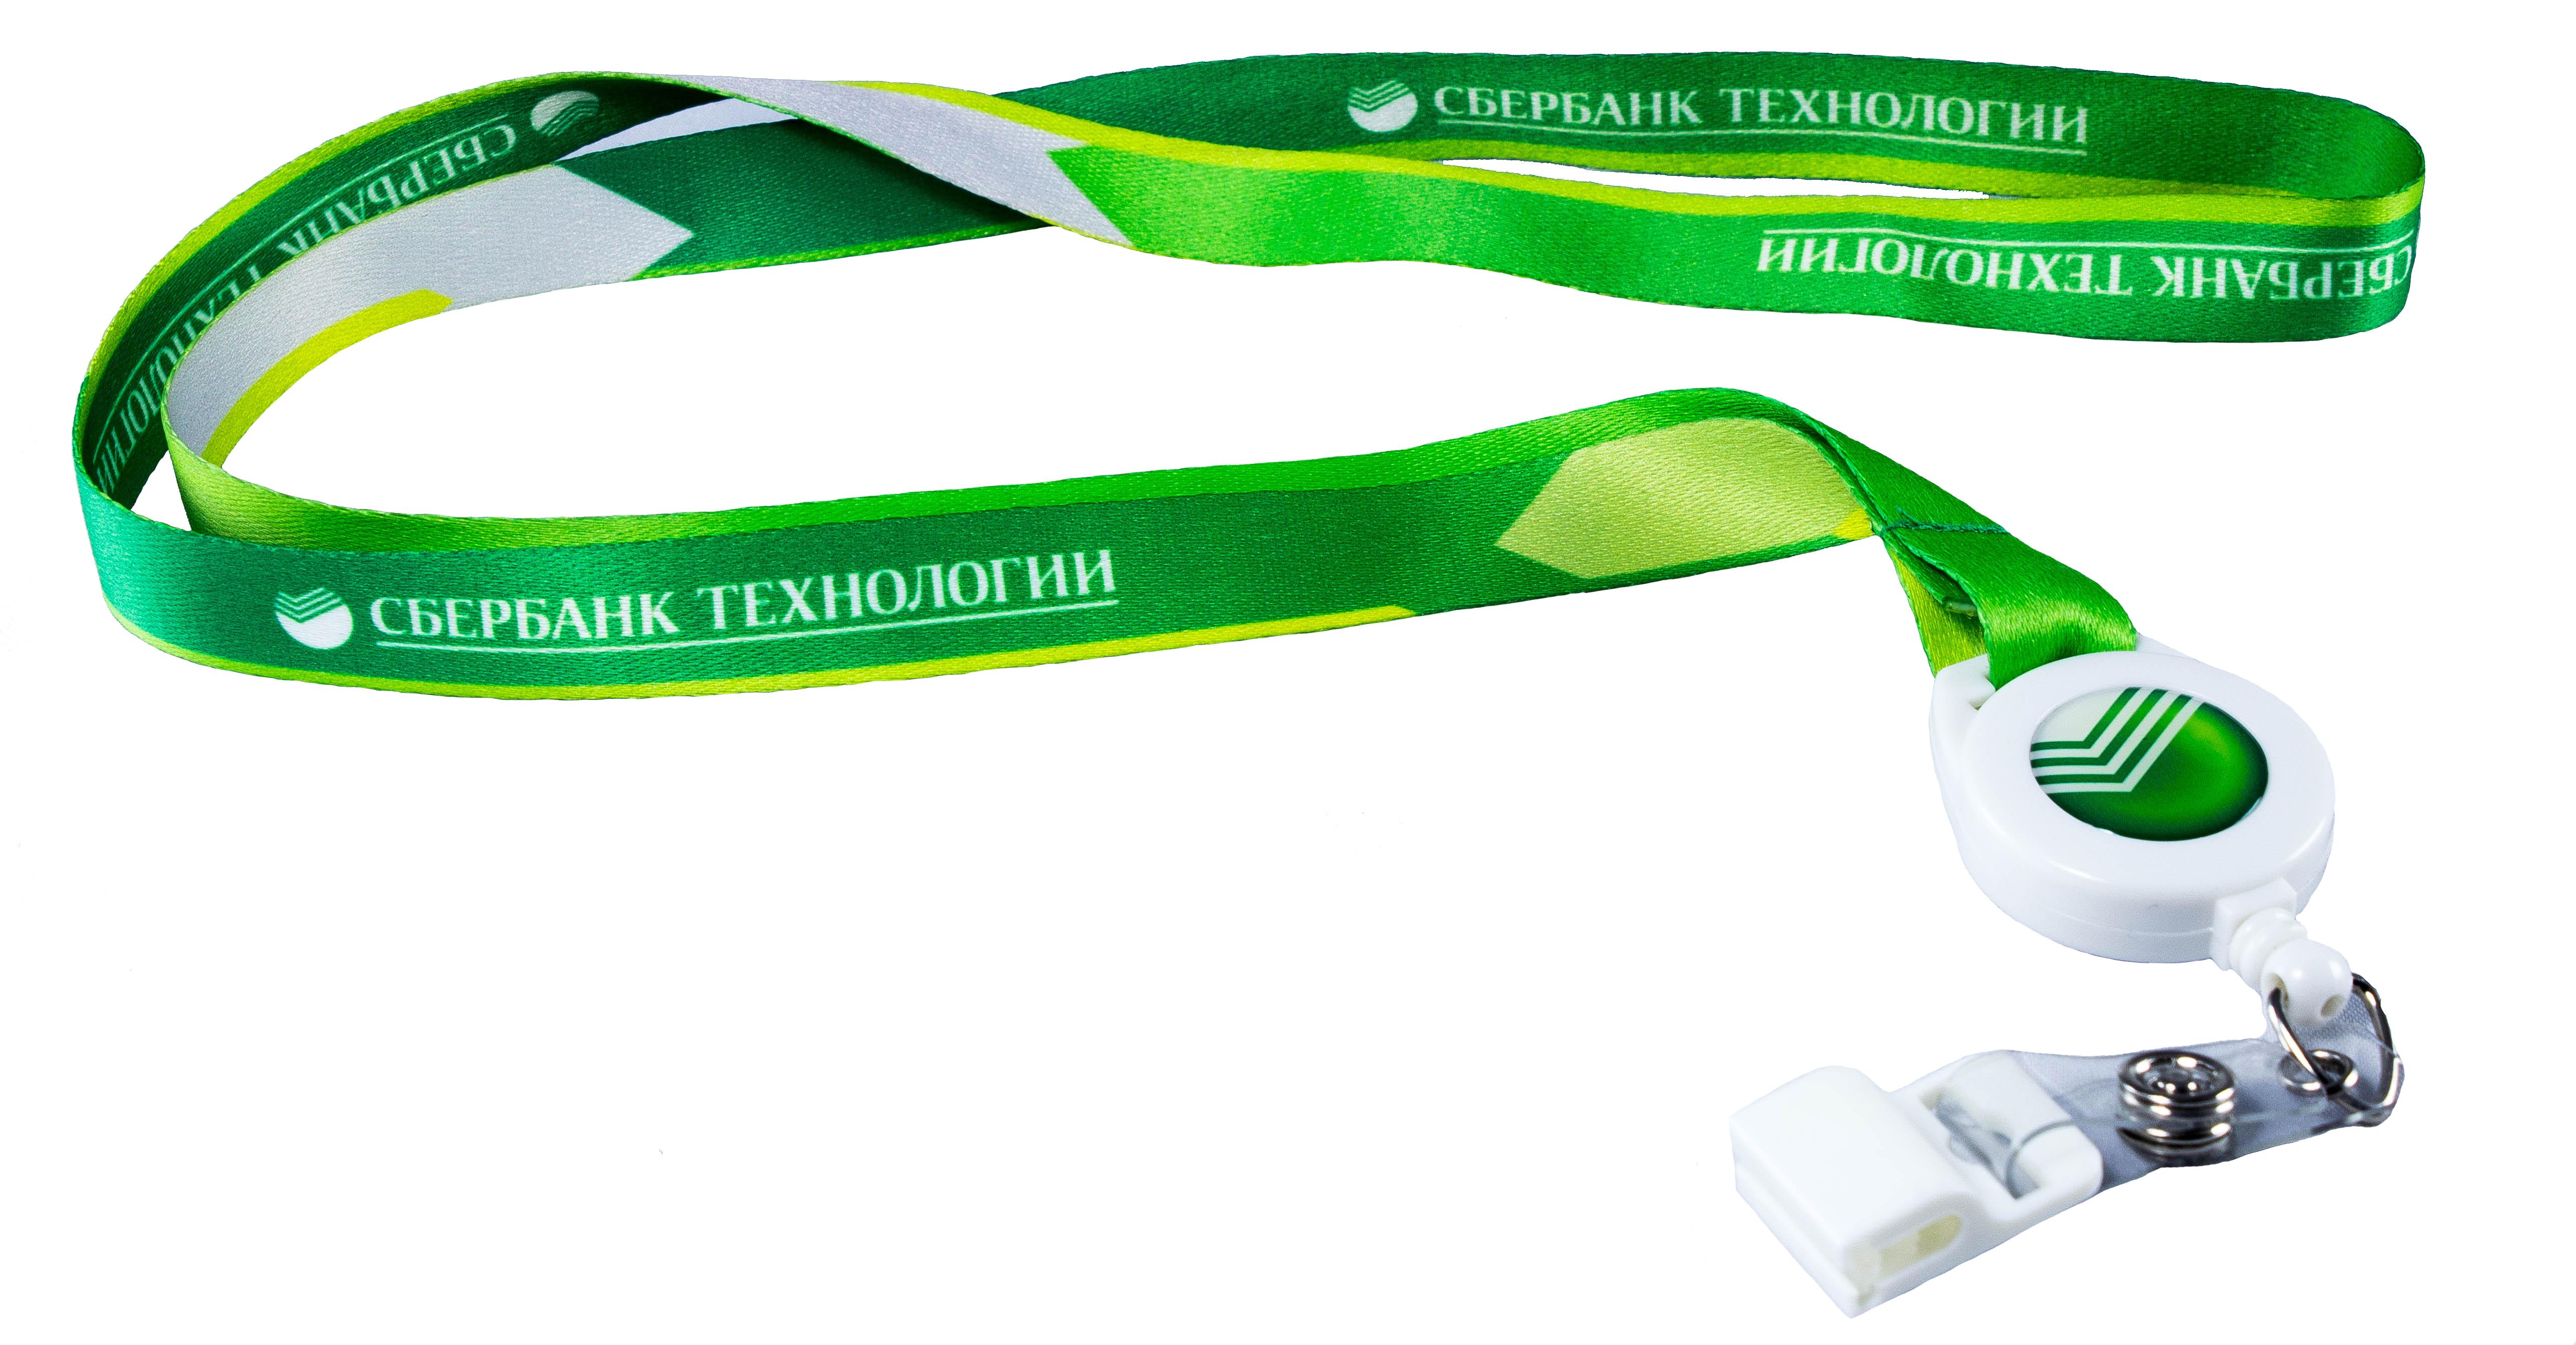 Зеленая лента для бейджа с логотипом, крепление ретрактор